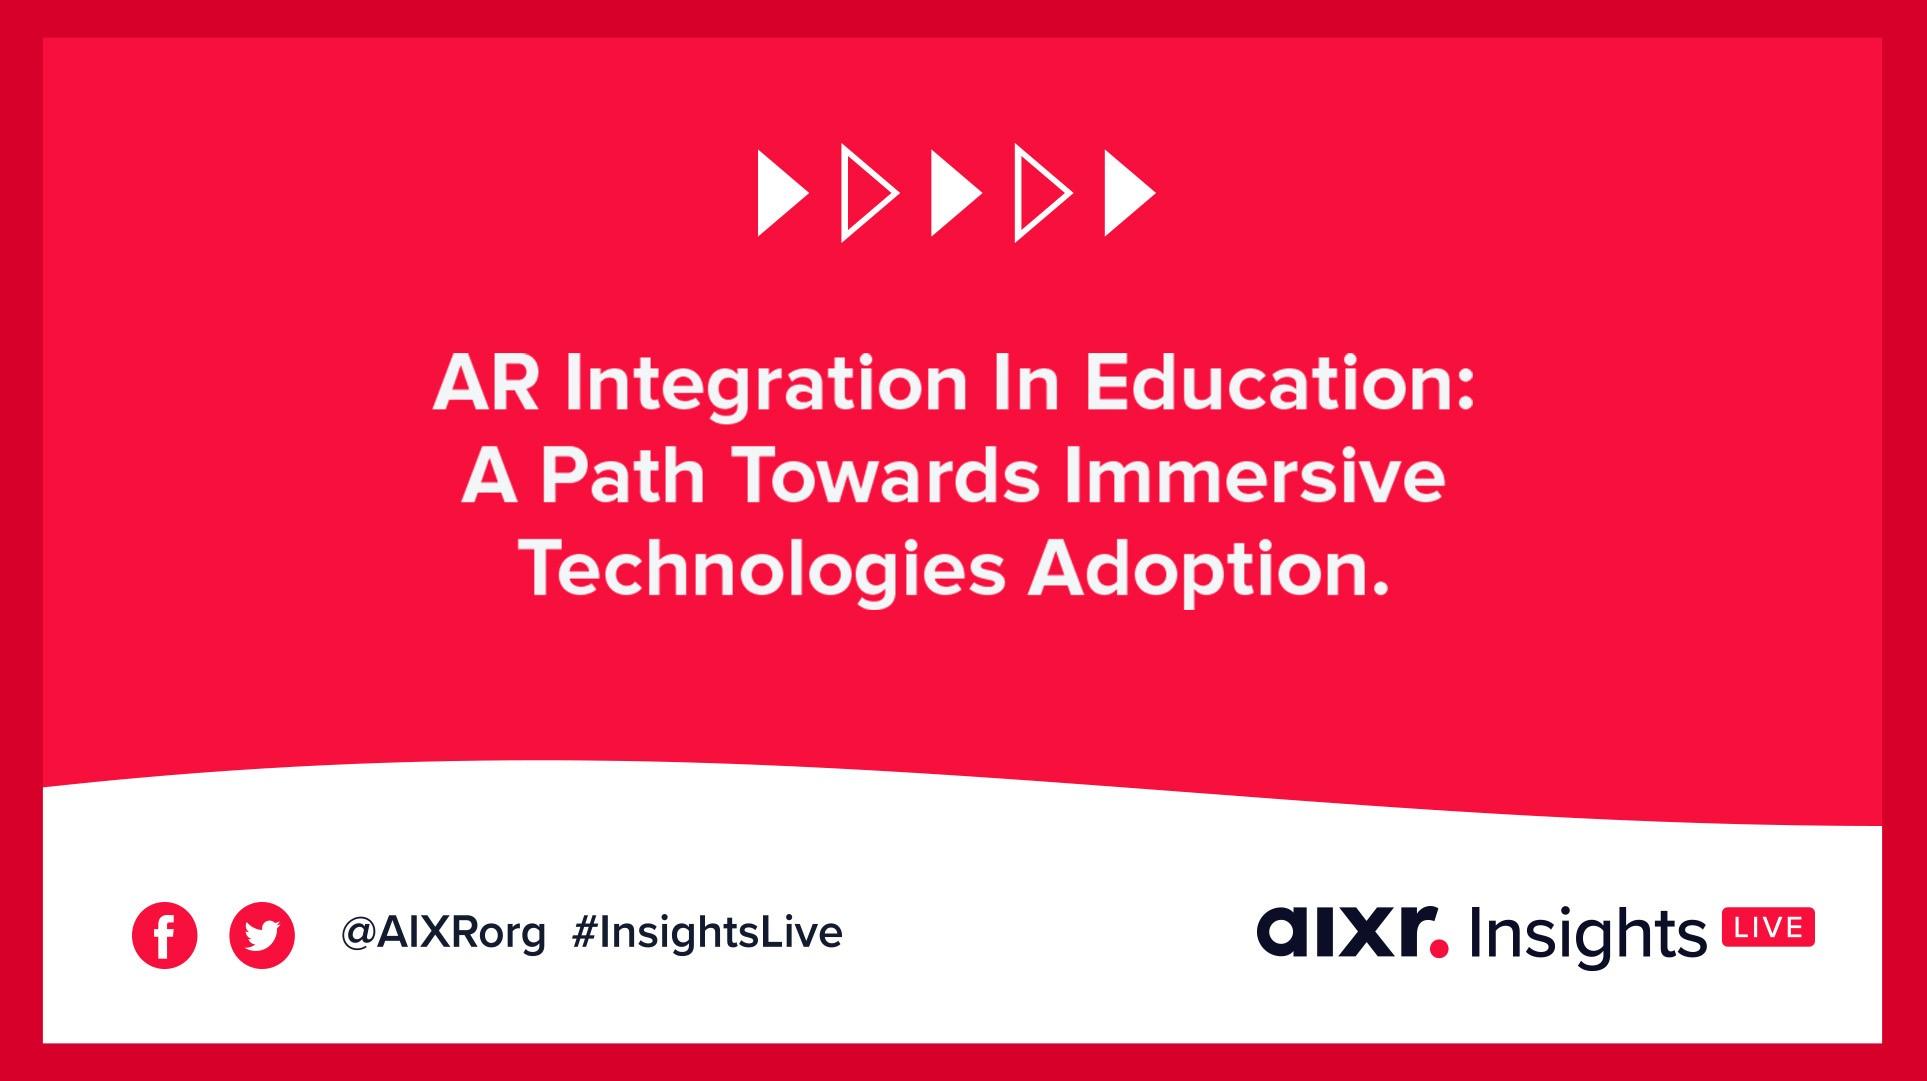 AR Integration in Education webinar banner